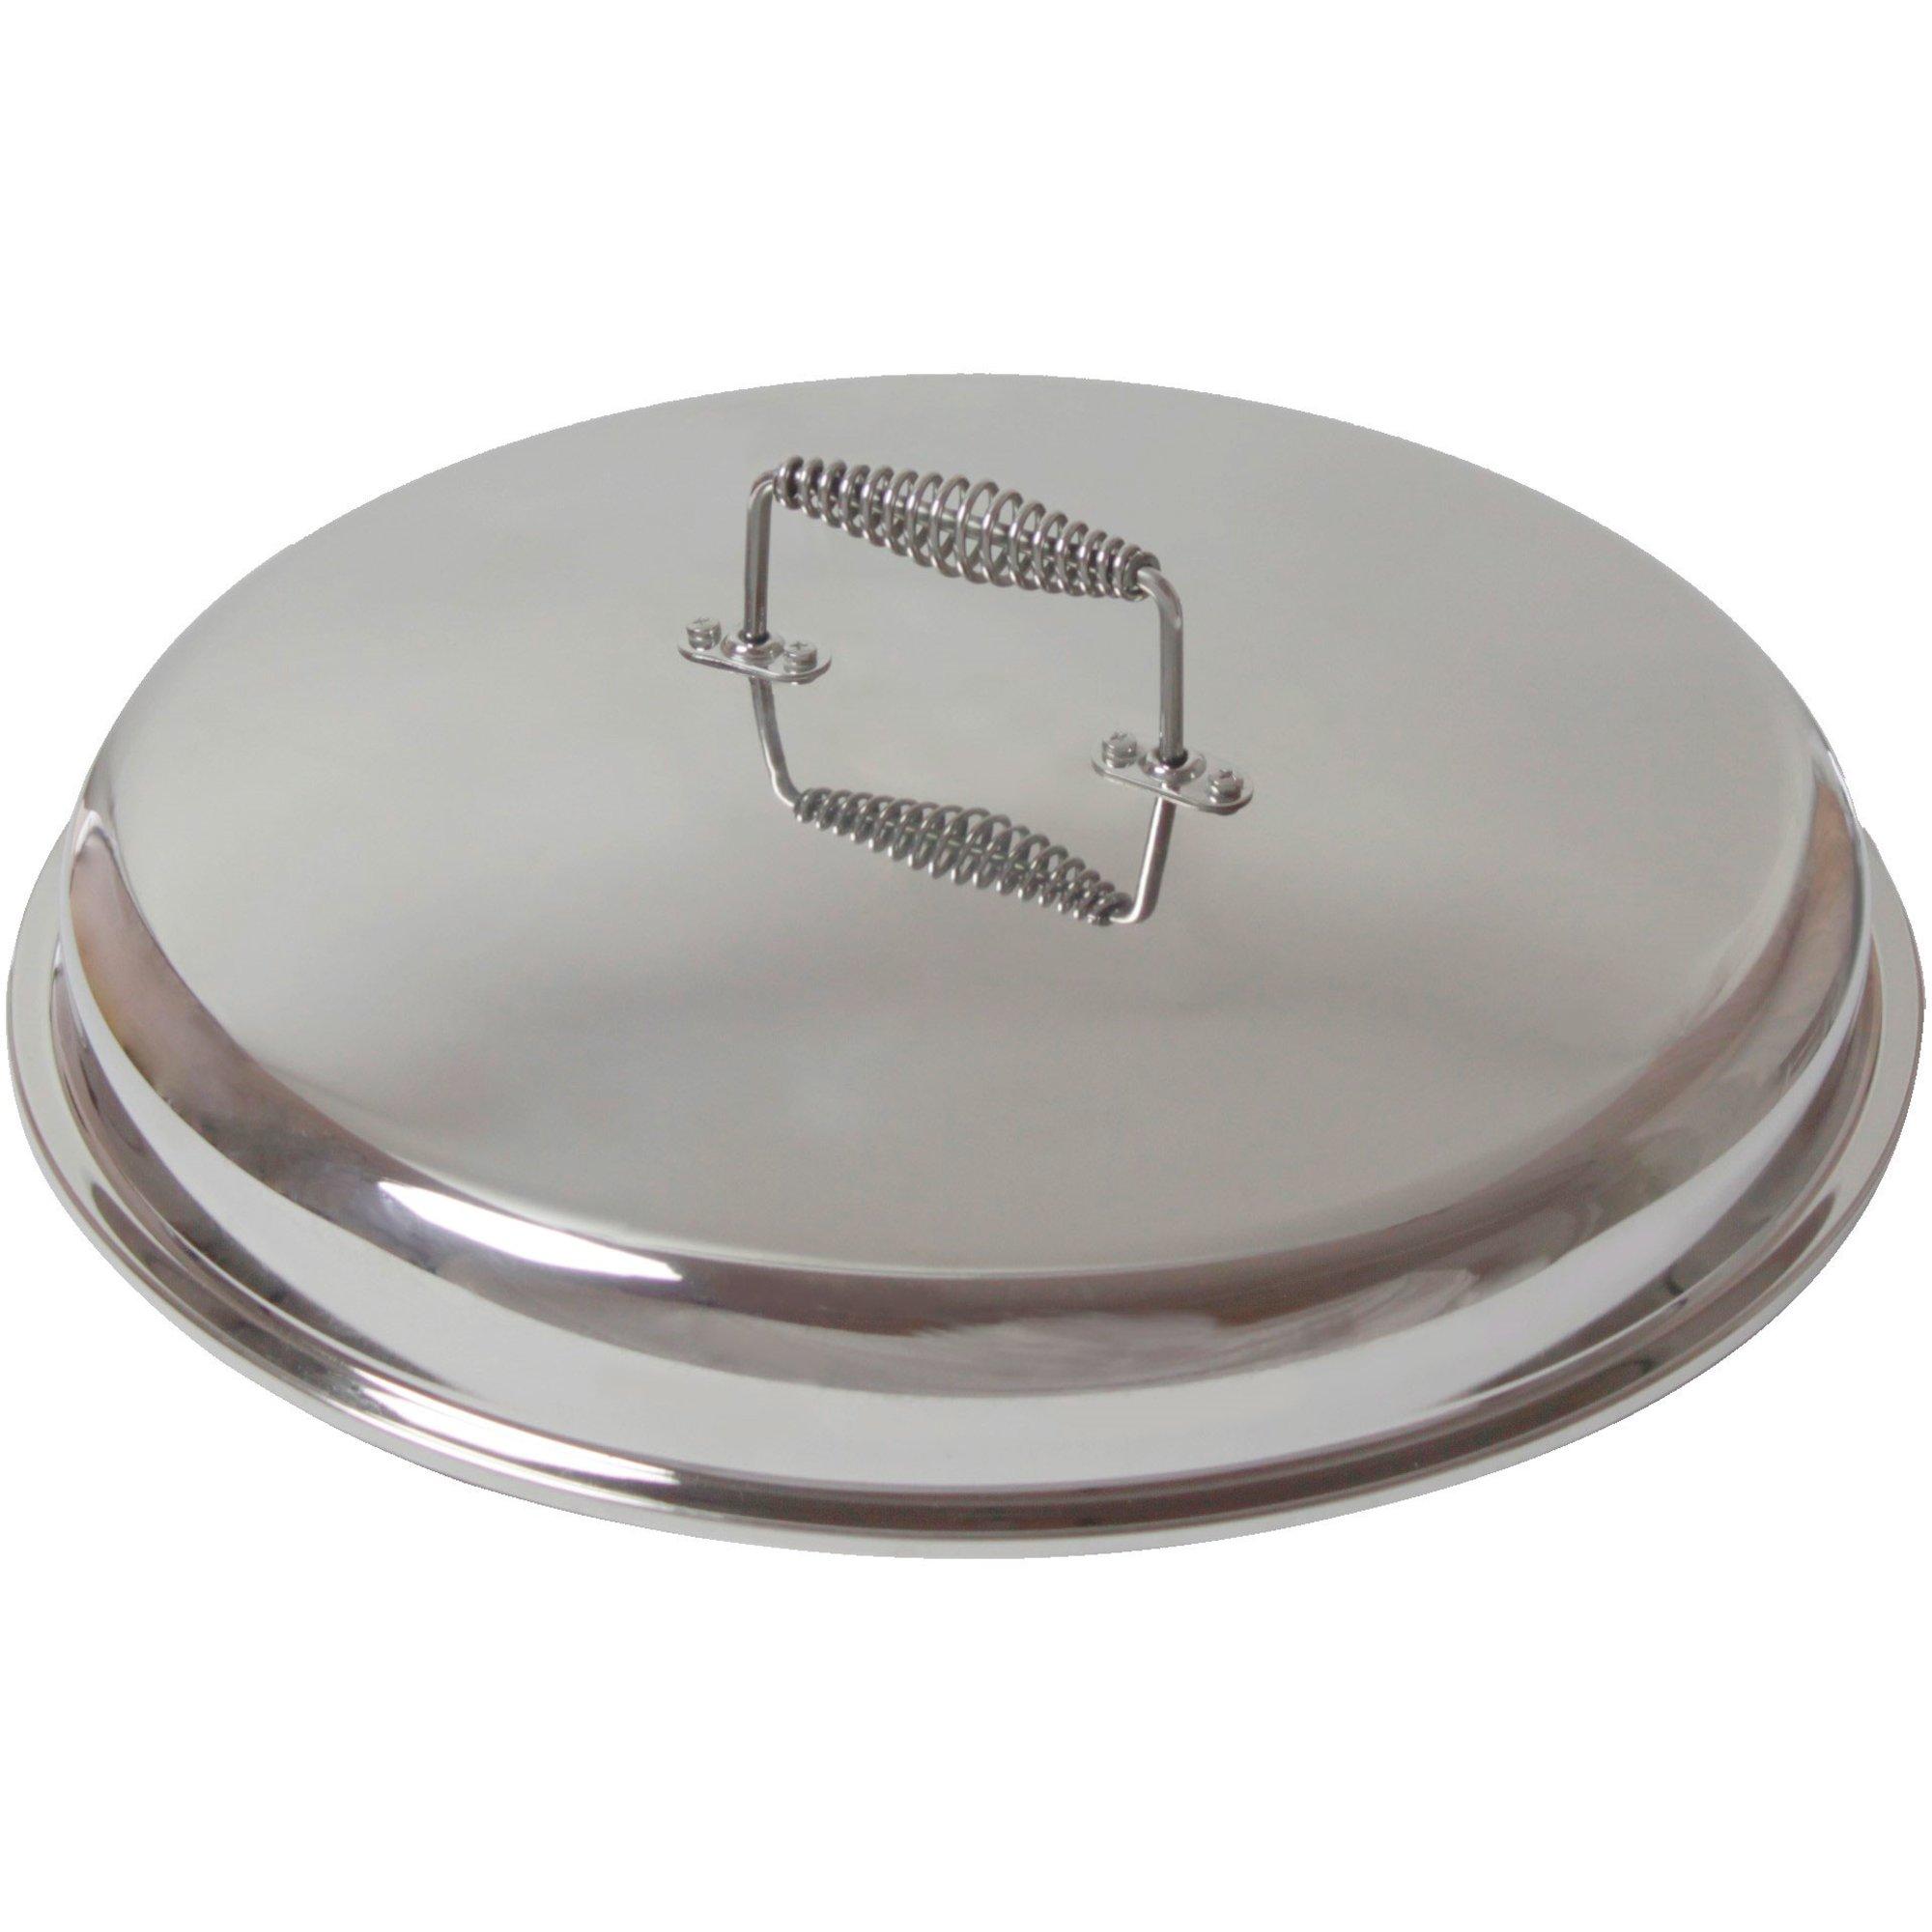 Hällmark Lock till stekhäll 48 cm.